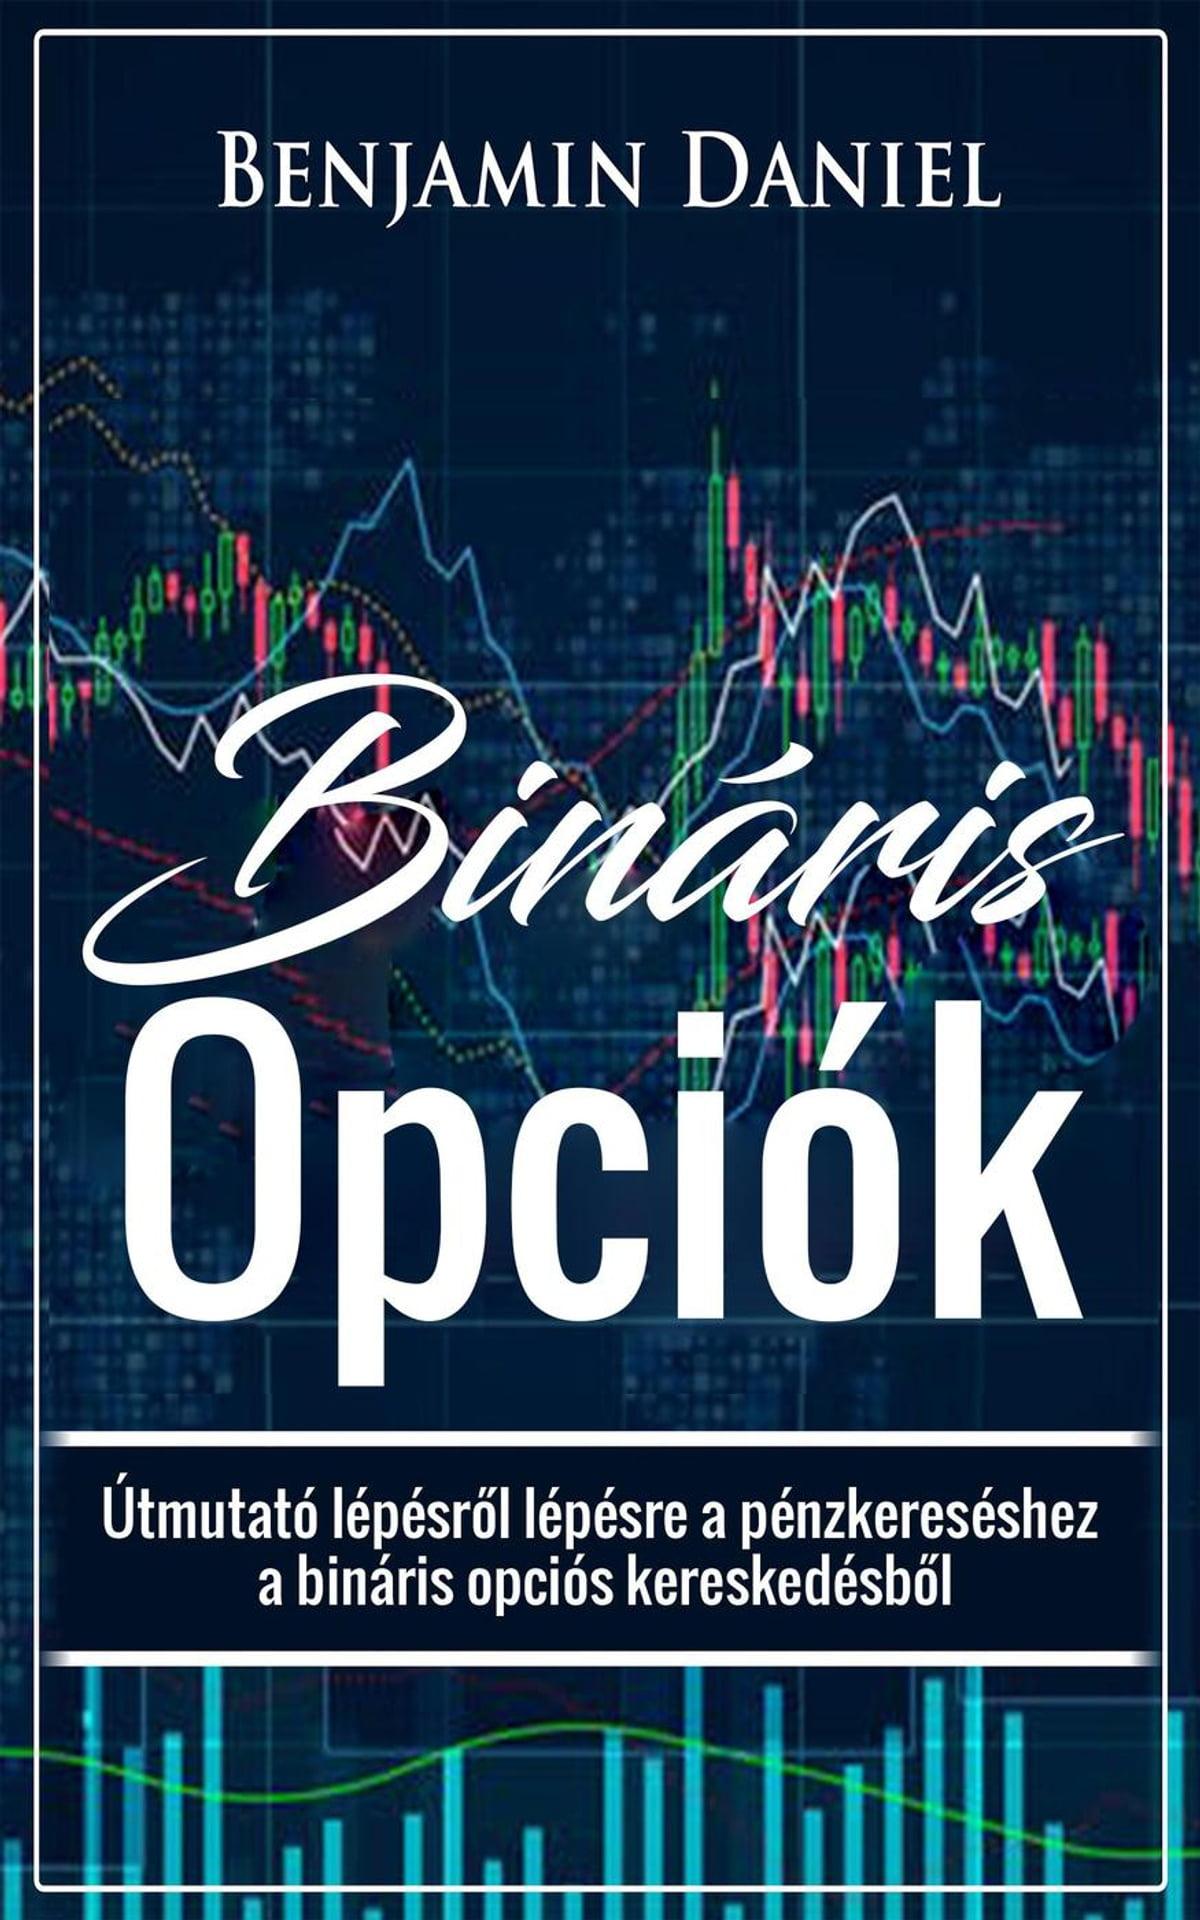 a bináris opciós kereskedelem elve